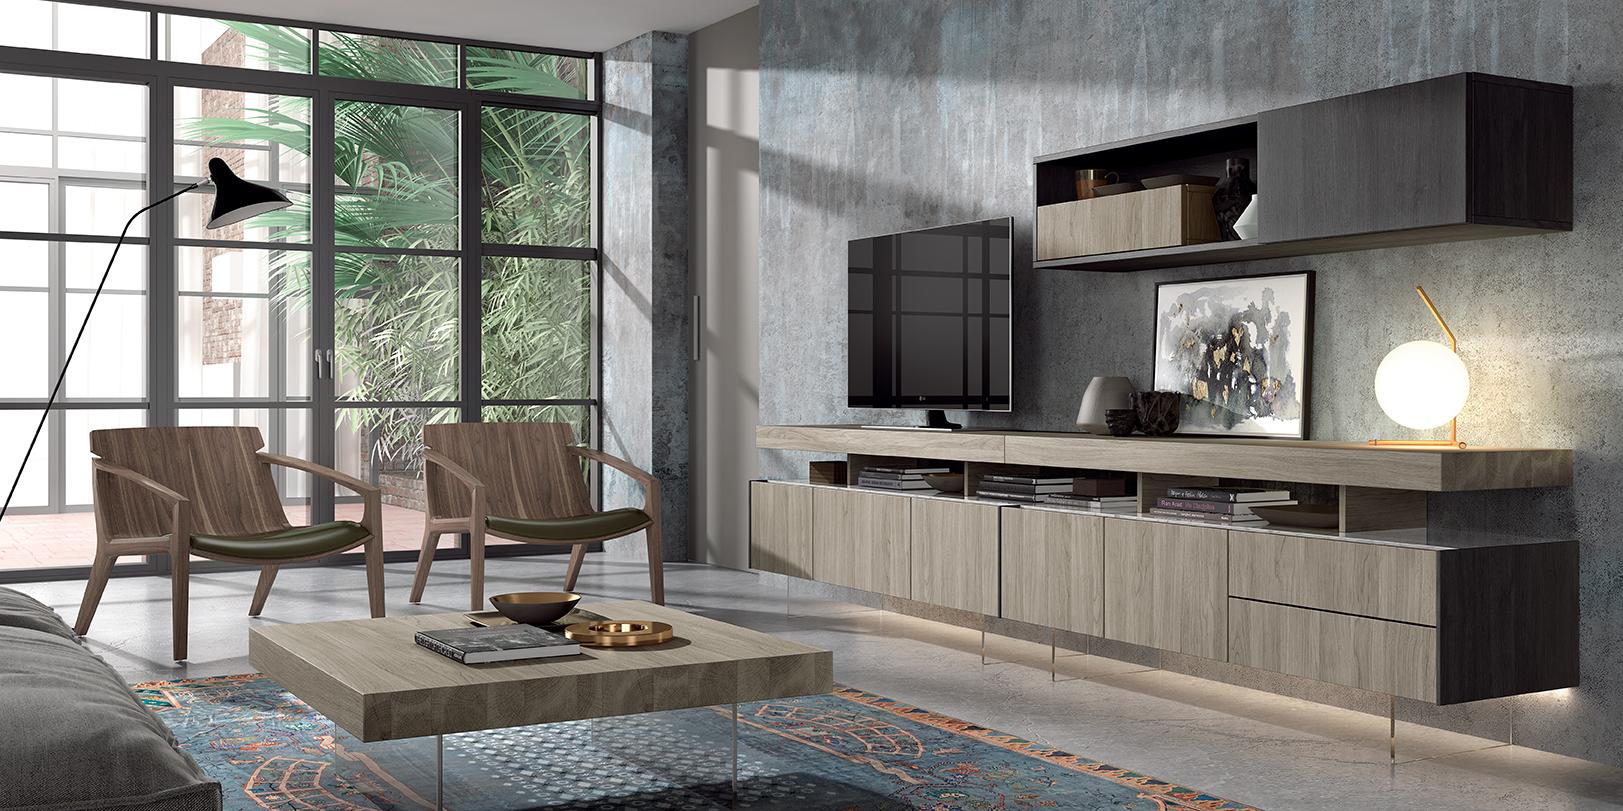 Salones A La Ltima Todo En Muebles Modernos Para El Sal N En  # Muebles Modernos